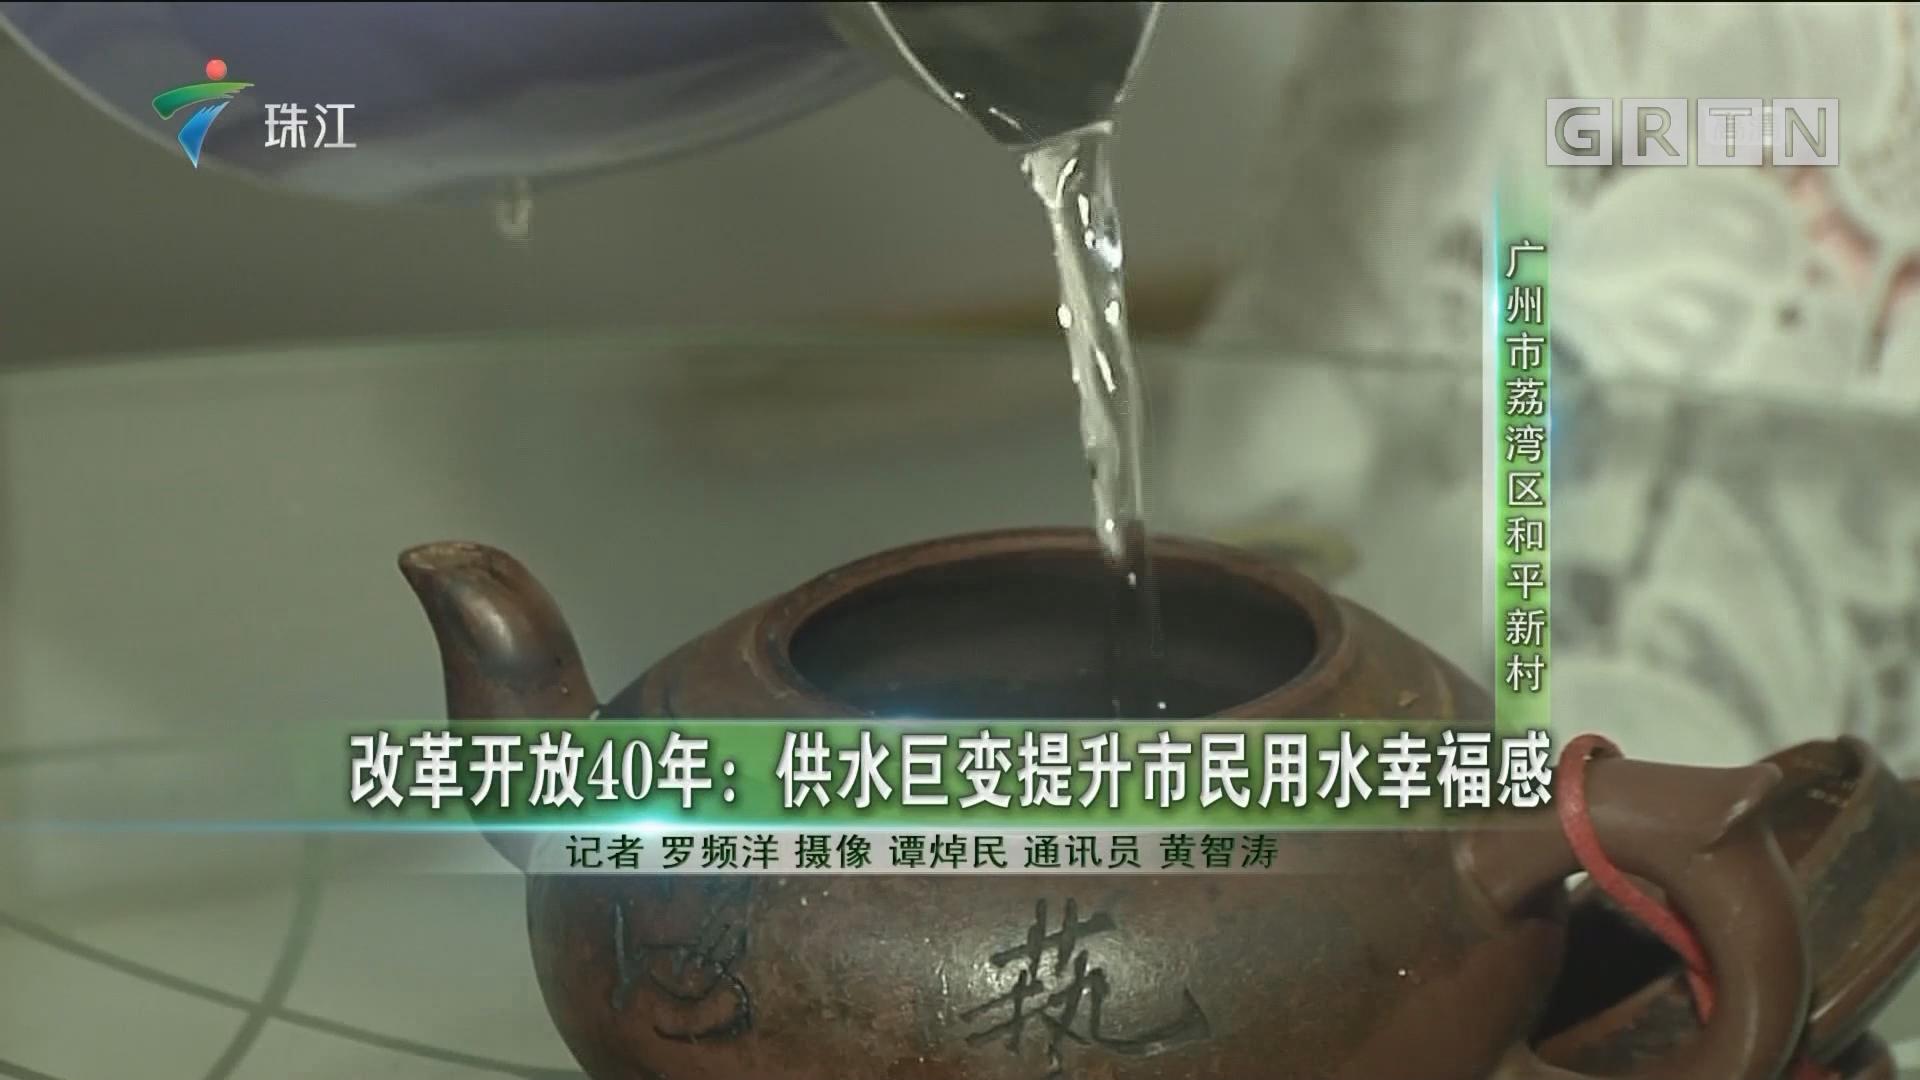 改革开放40年:供水巨变提升市民用水幸福感